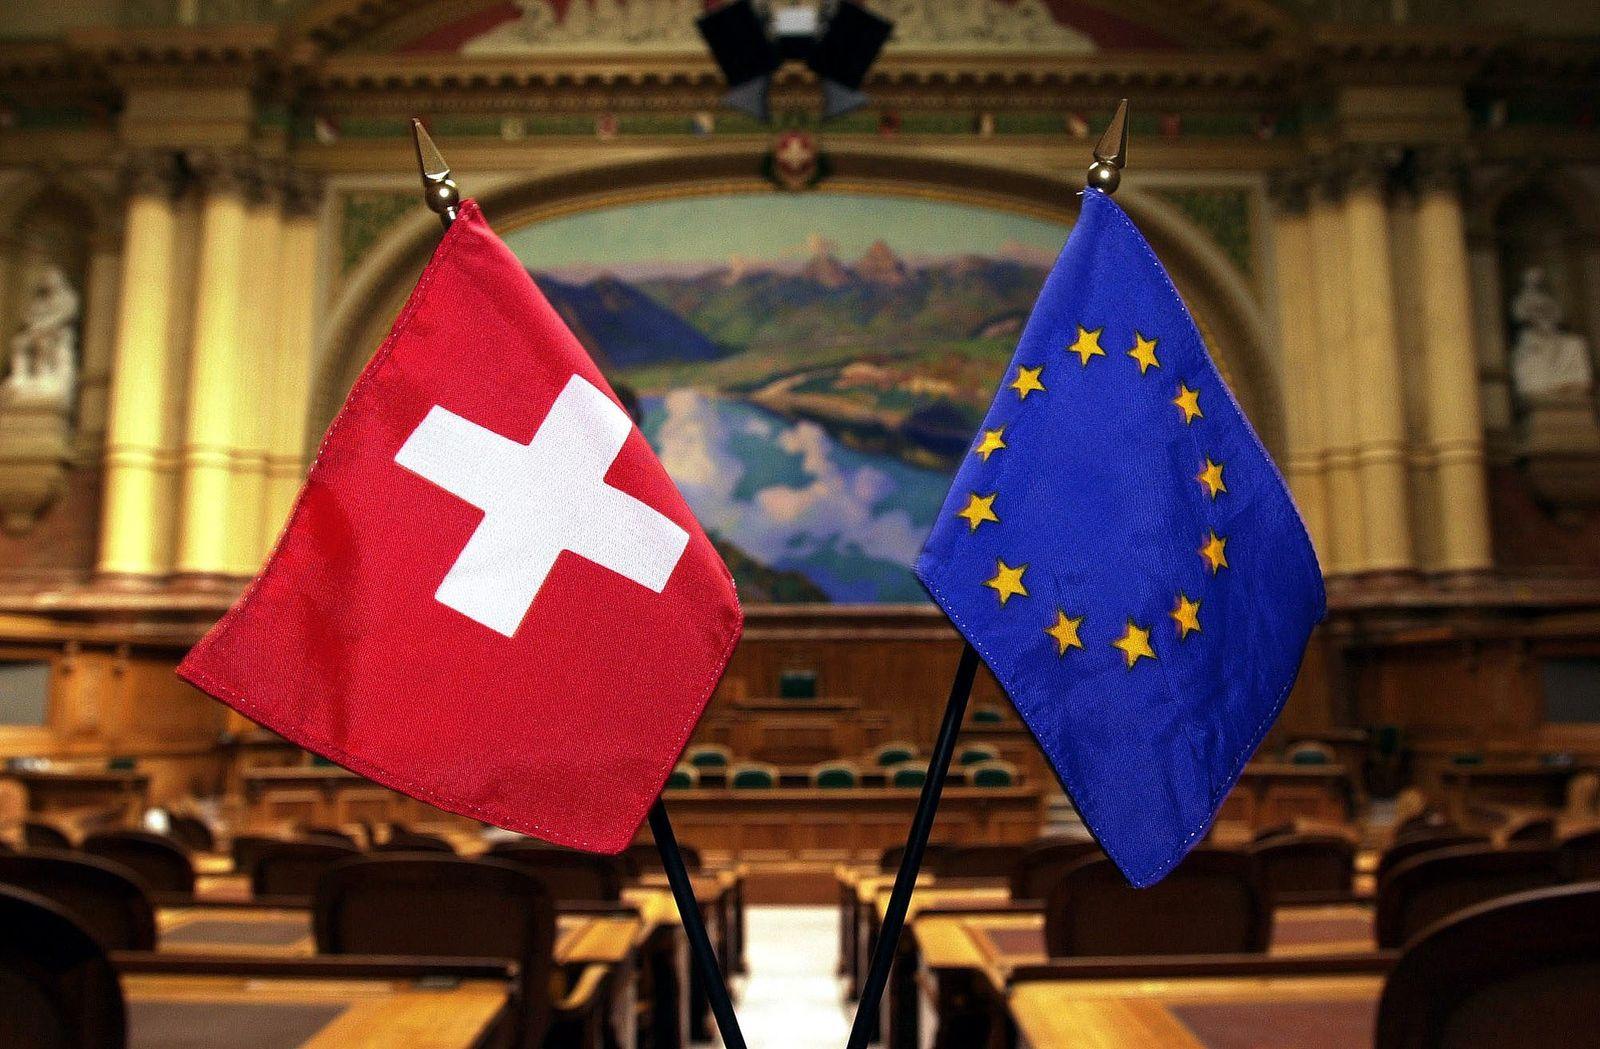 Schweiz EU Flagge